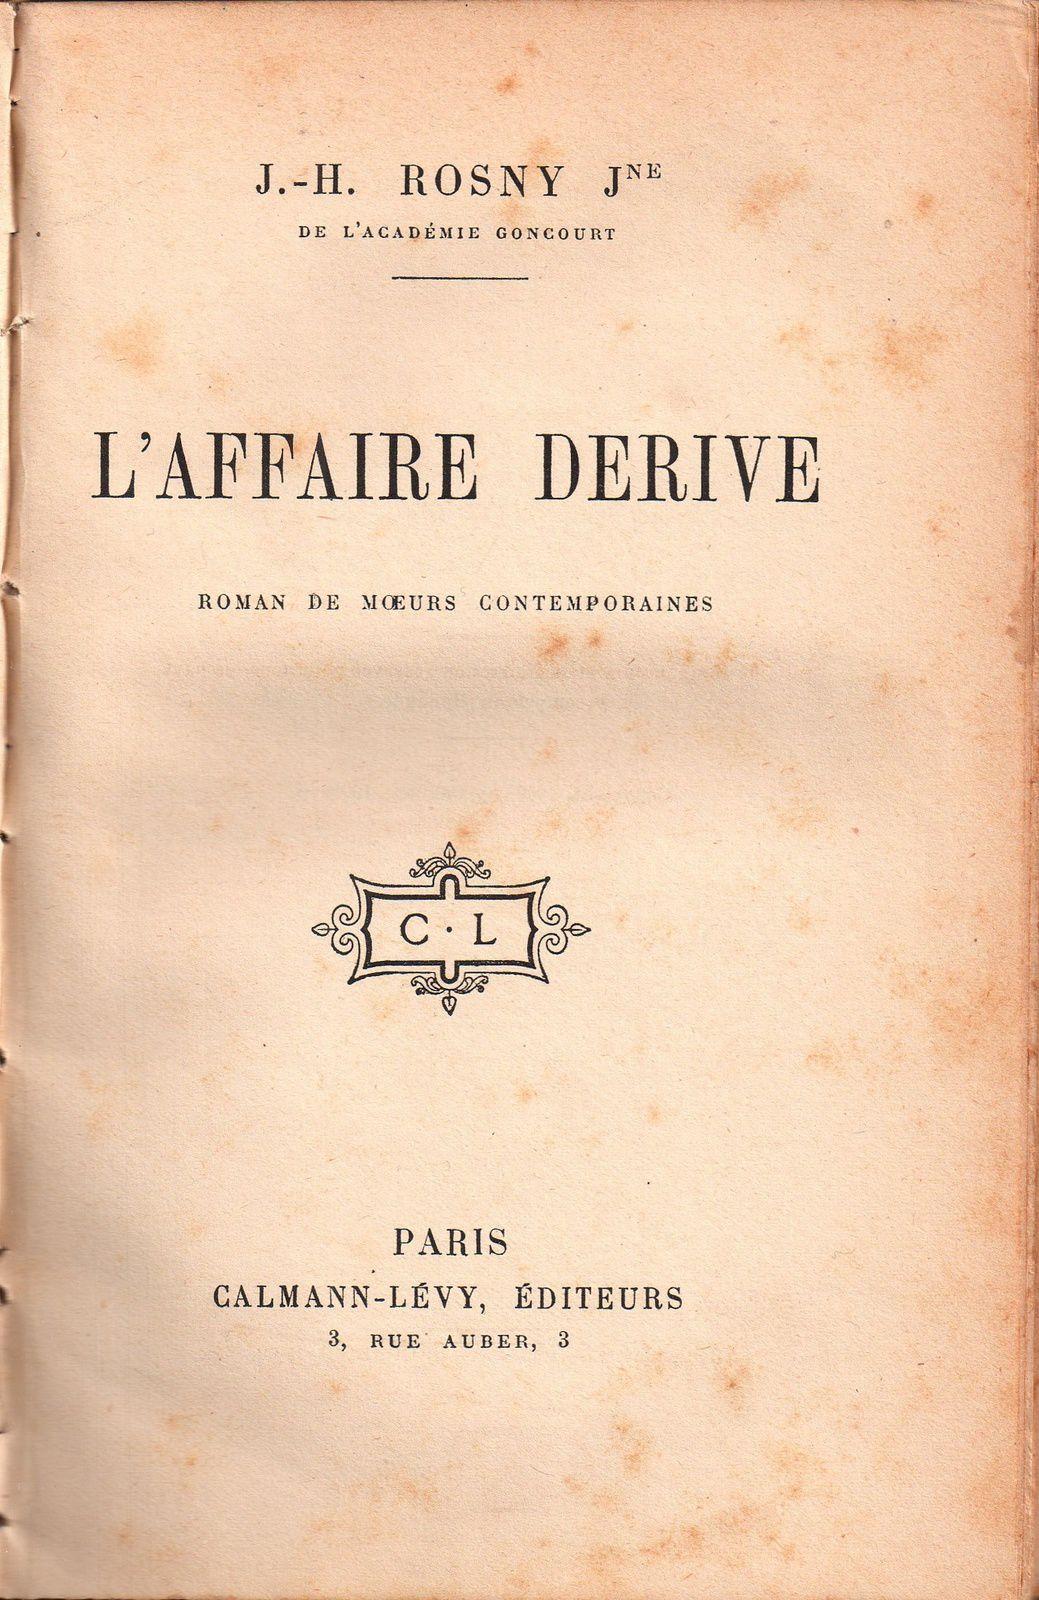 """J.-H. Rosny Jeune """"L'Affaire Derive"""" (Calmann-Lévy - 1909)"""